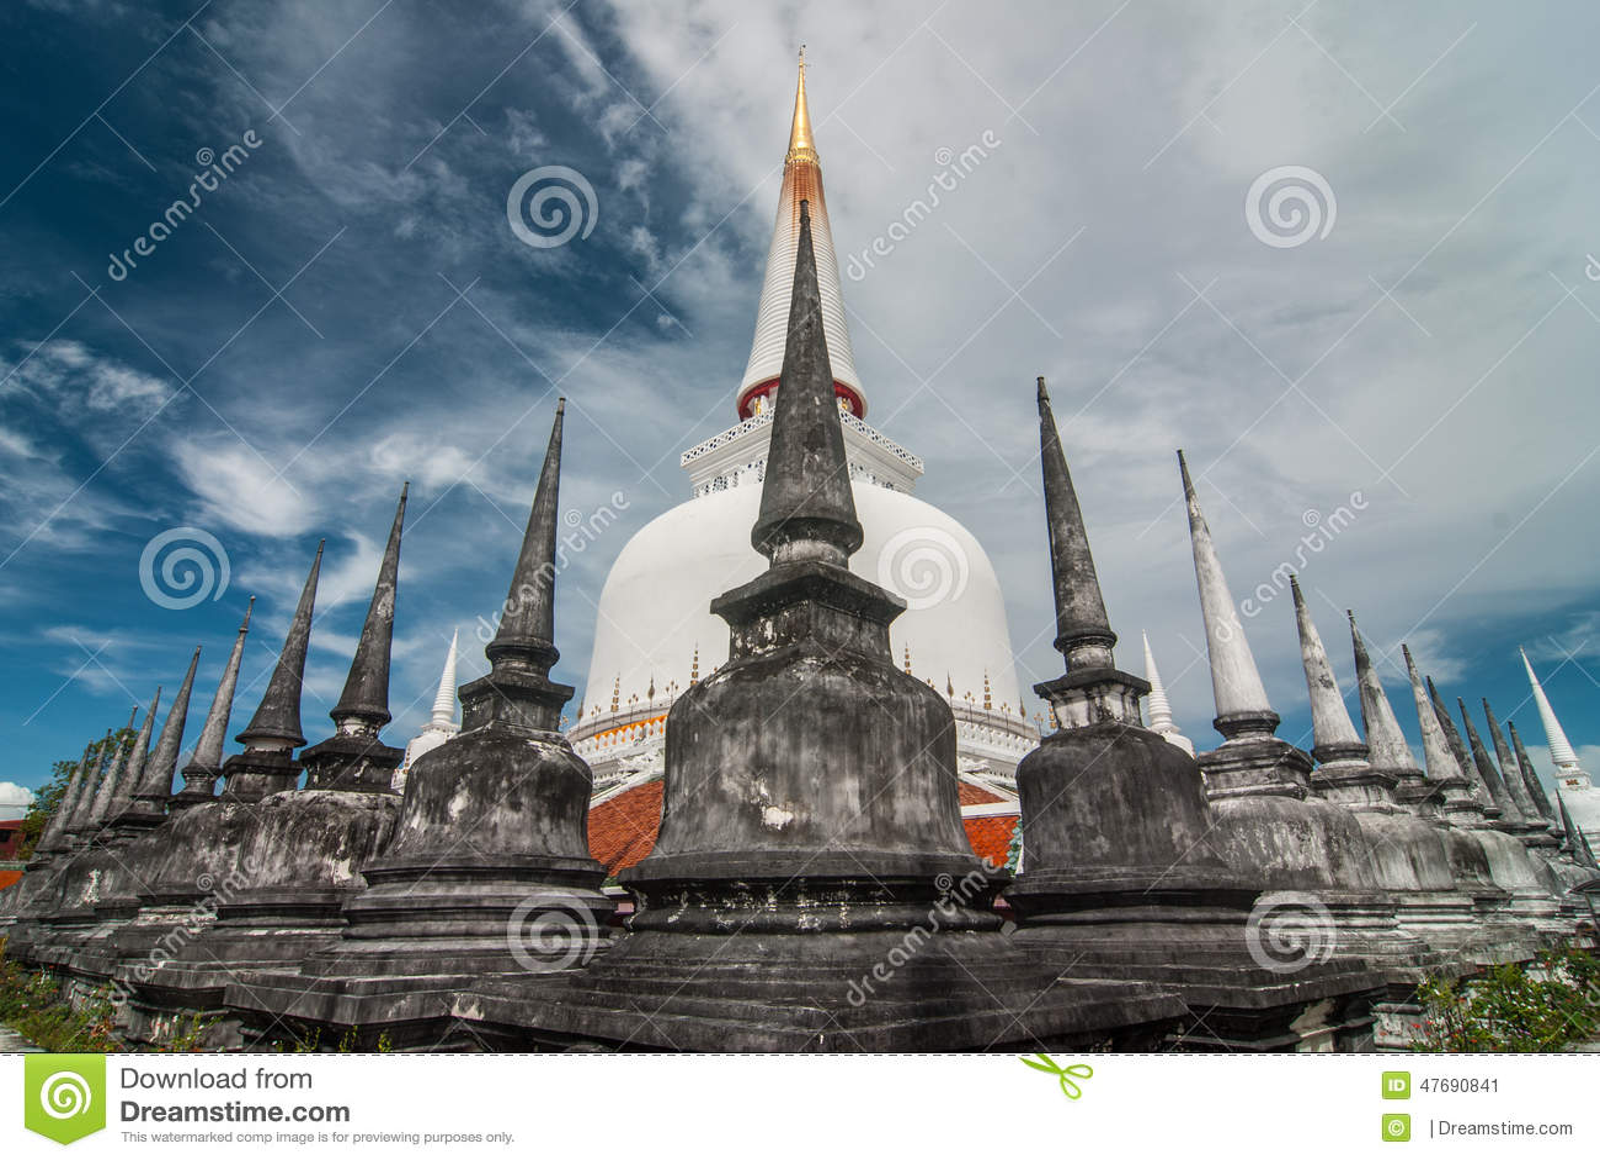 Pagoda In Wat Mahathat  Nakhon Si Thammarat Province